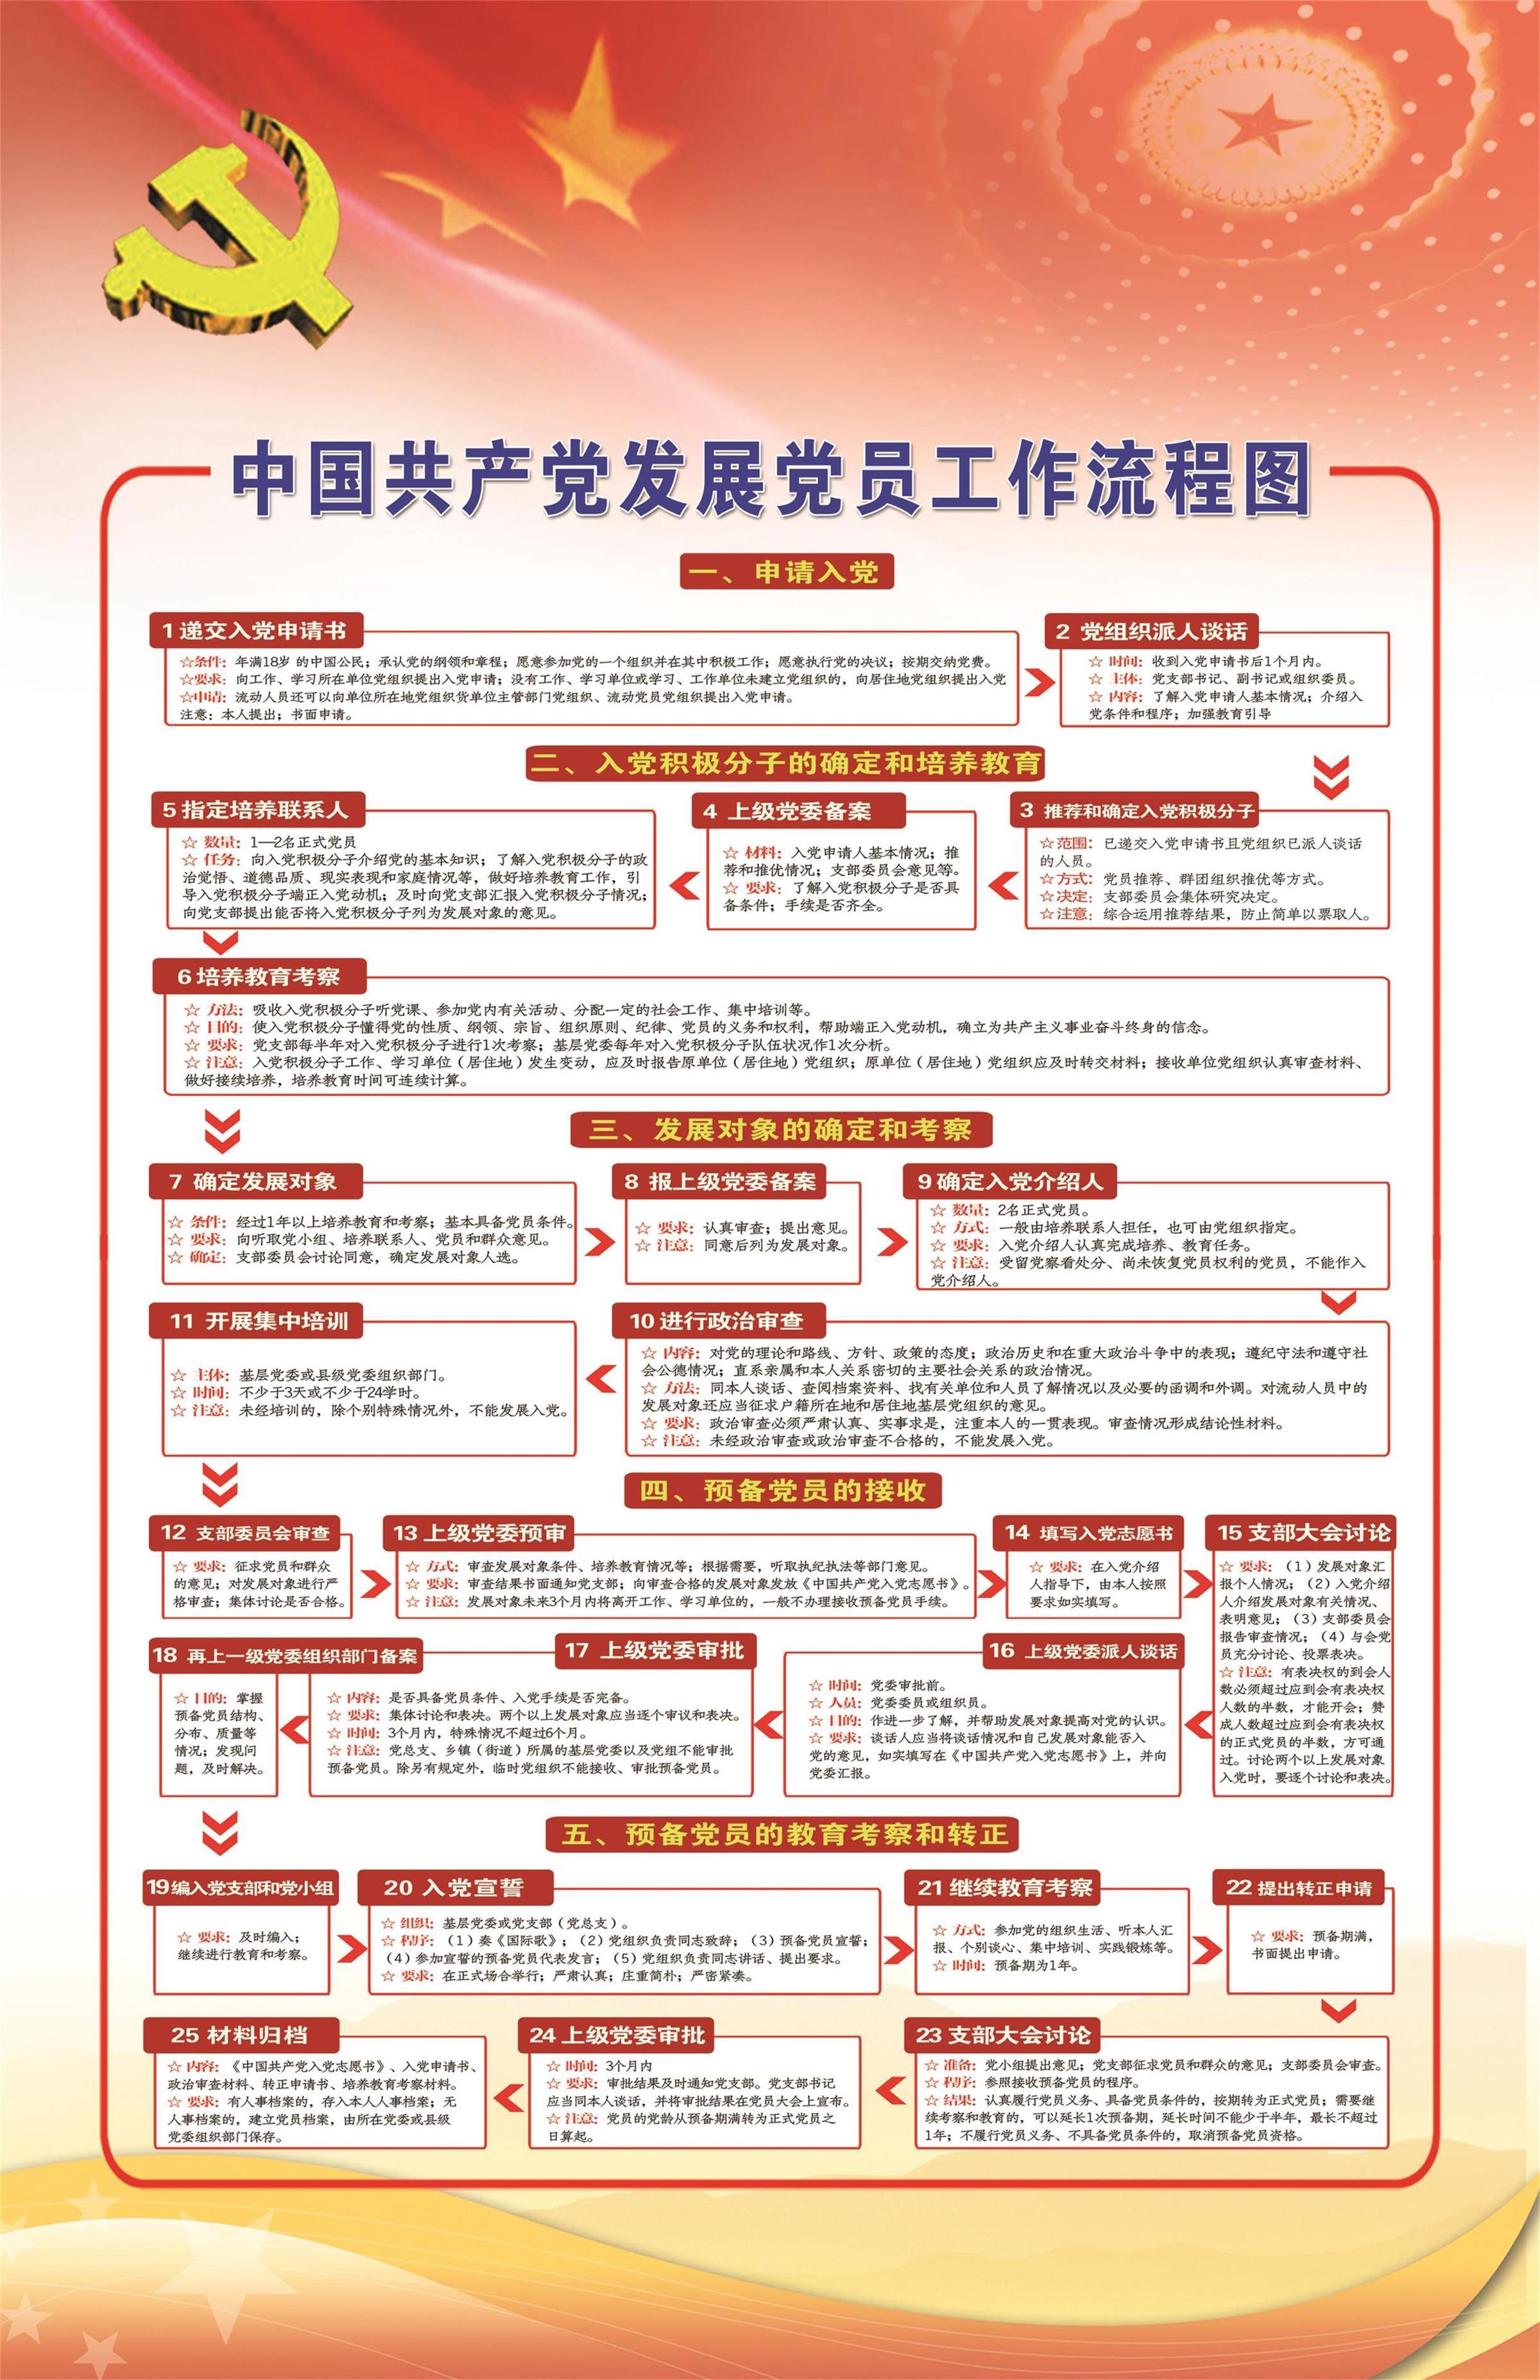 合肥市十九中党支部发展党员流程图